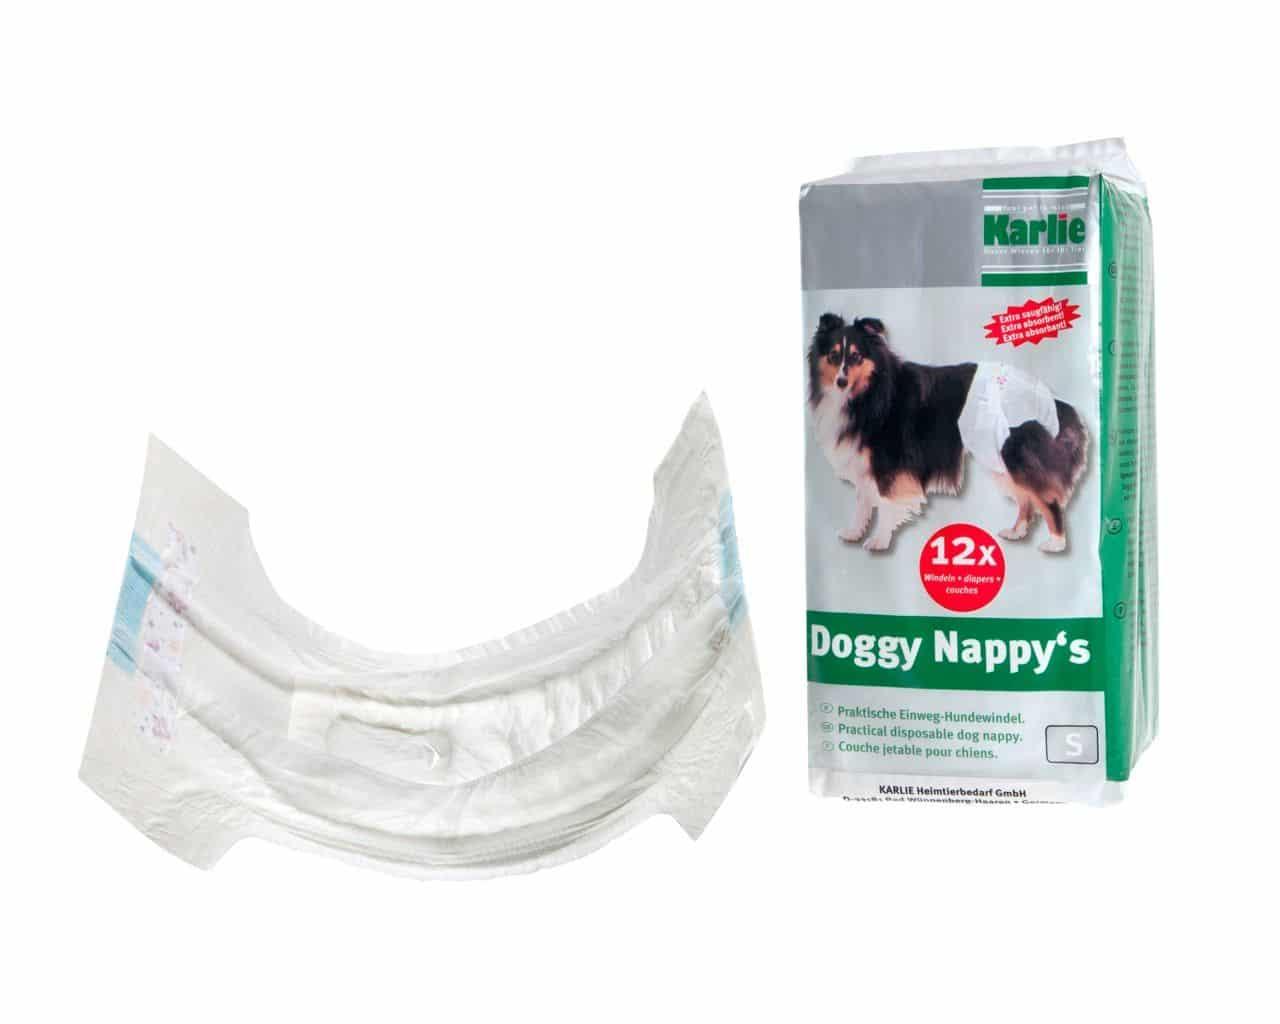 Doggy Nappys Hundewindeln von Karlie